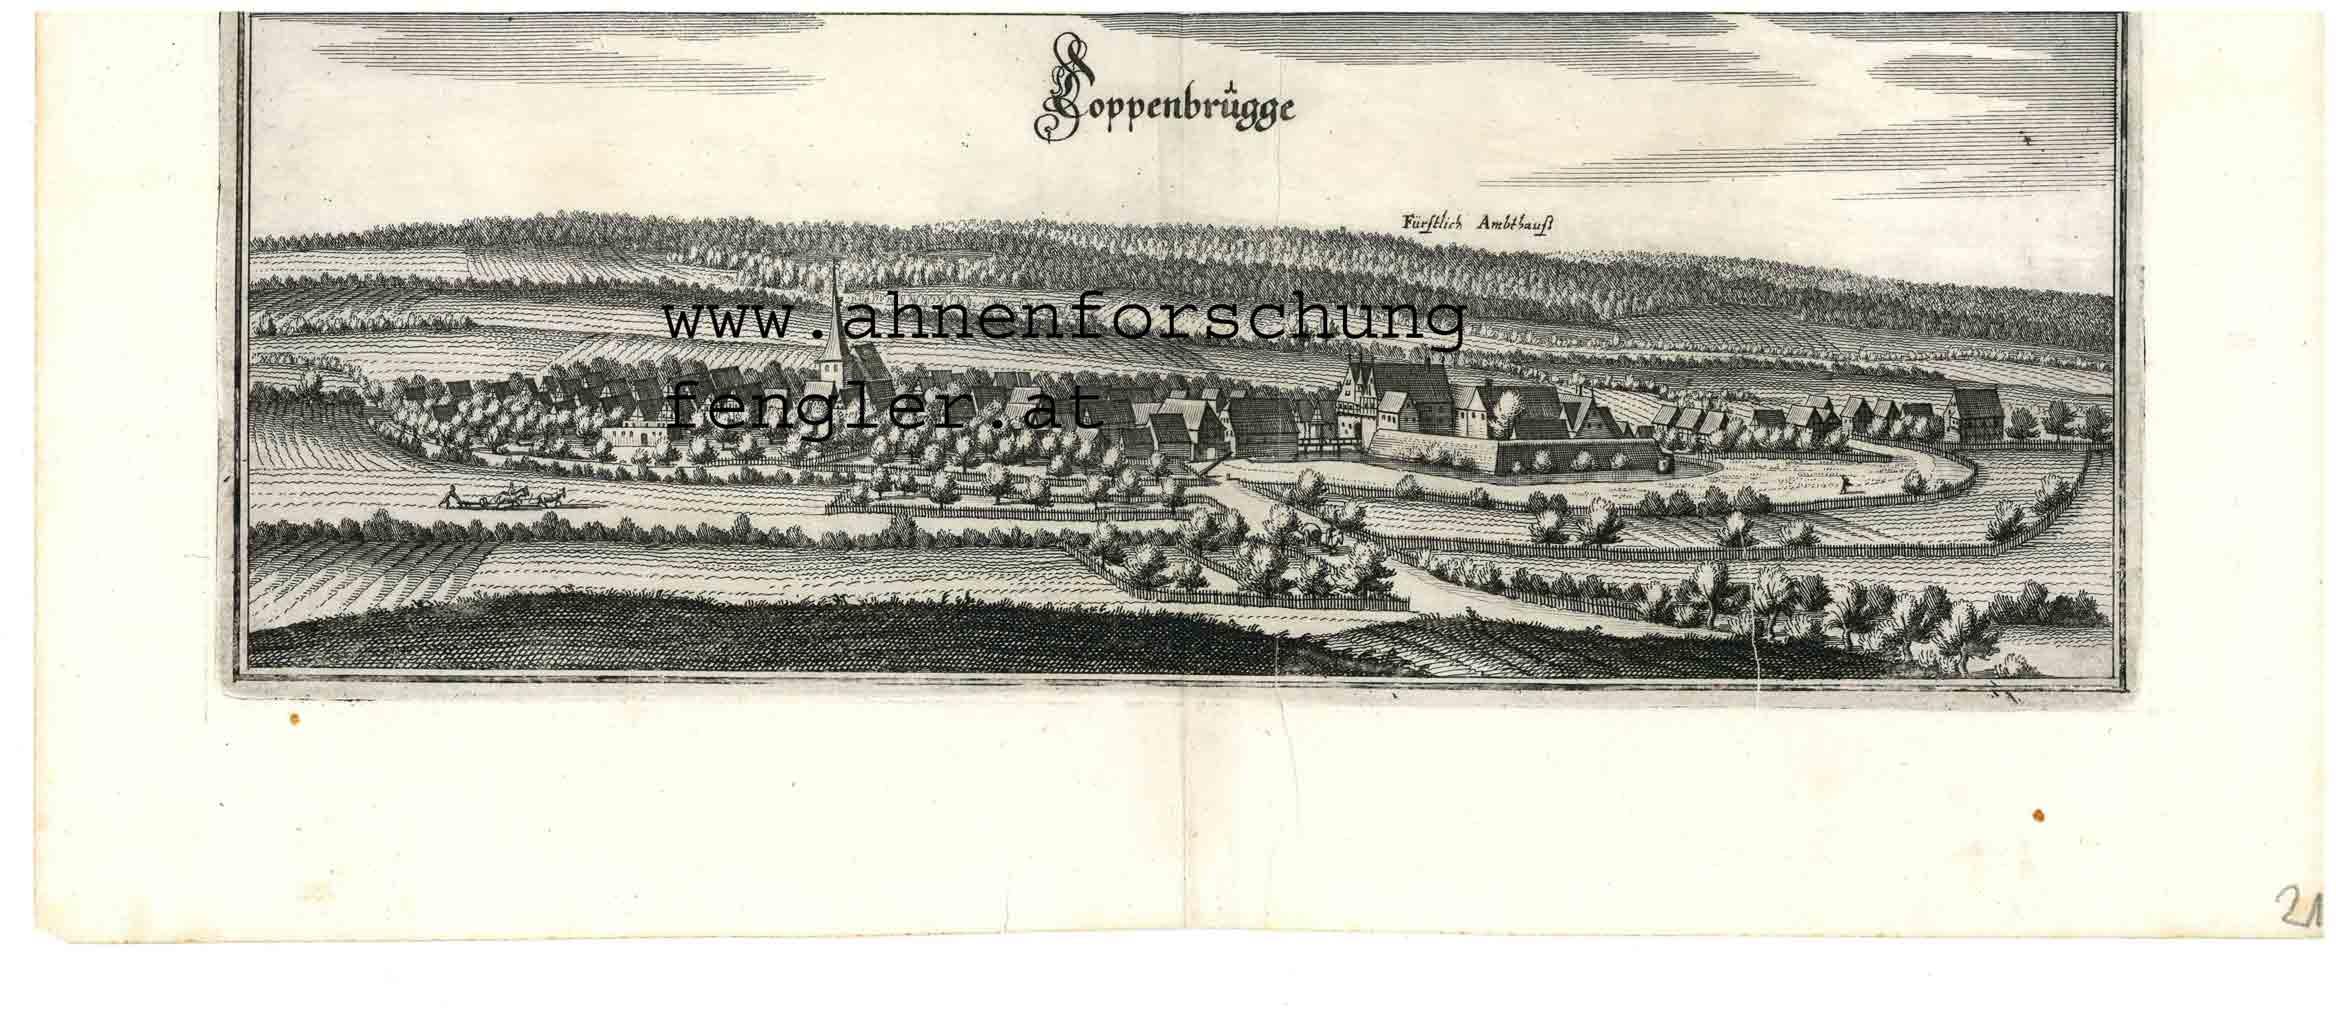 203003-Coppenbruecke